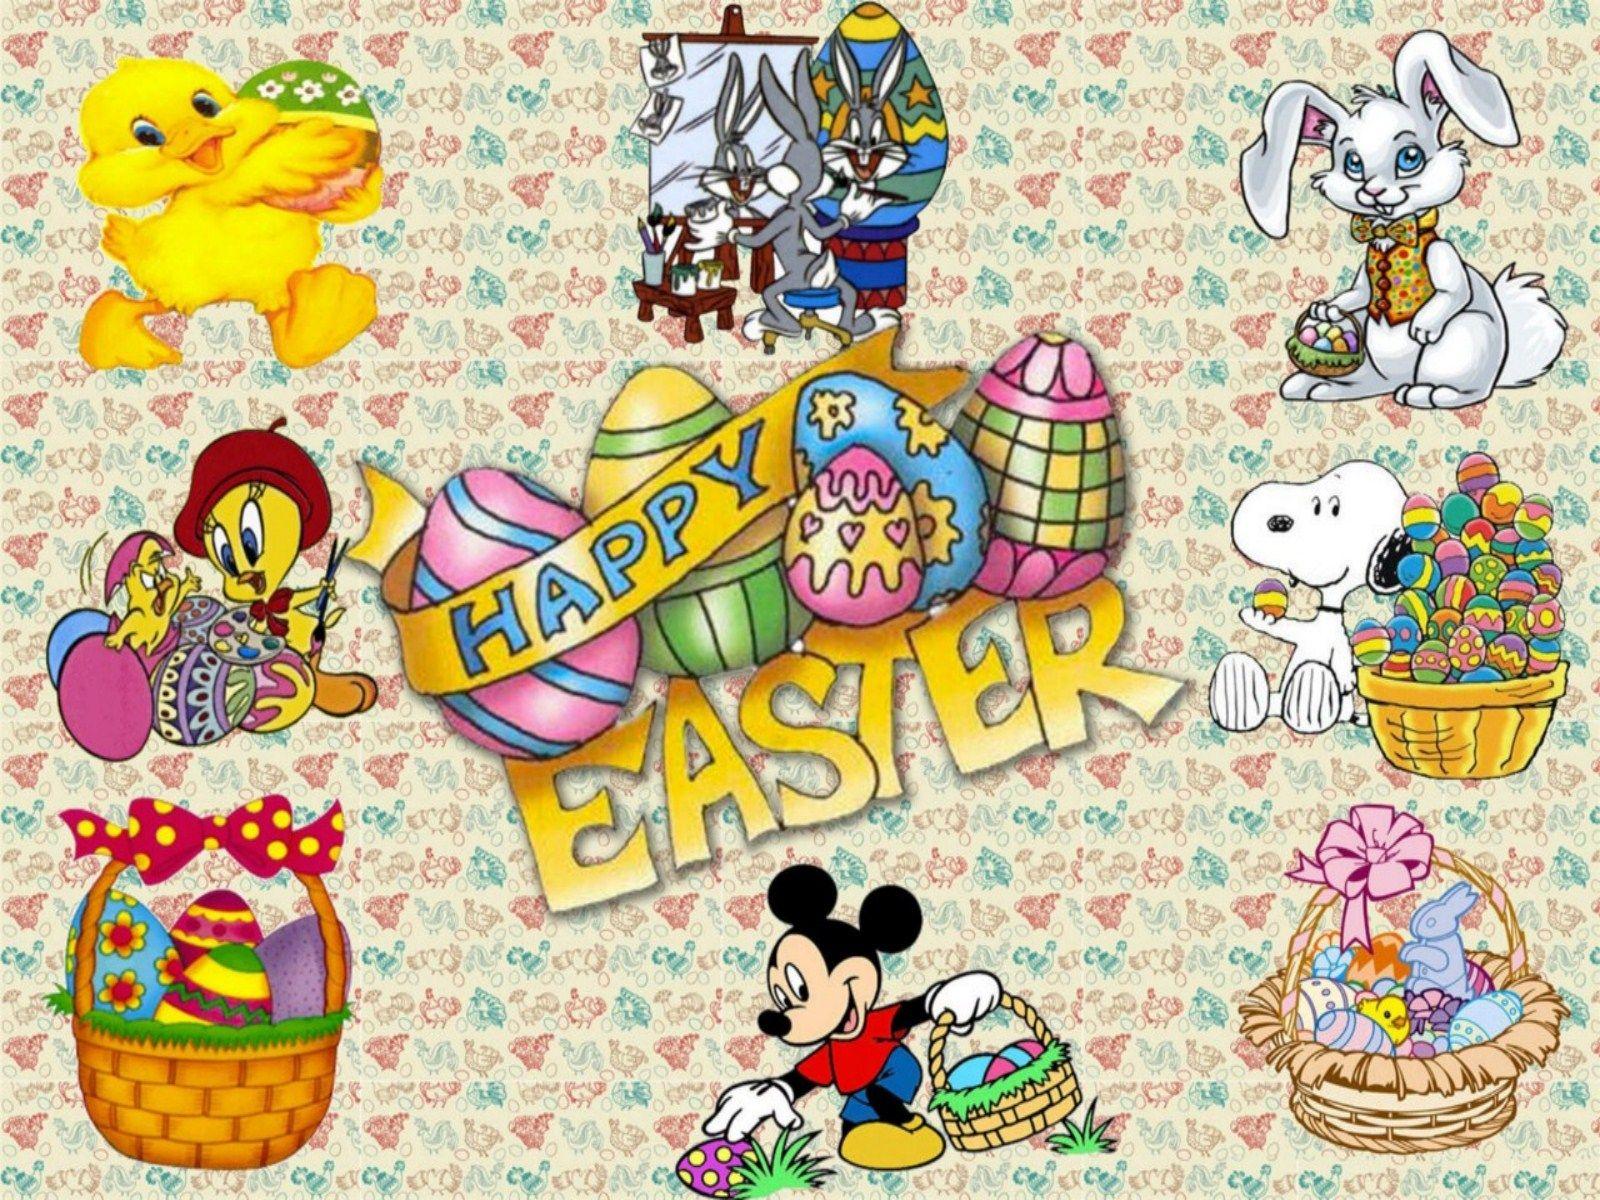 Disney Easter Wallpaper Easter Wallpaper Disney Easter Cool Anime Wallpapers